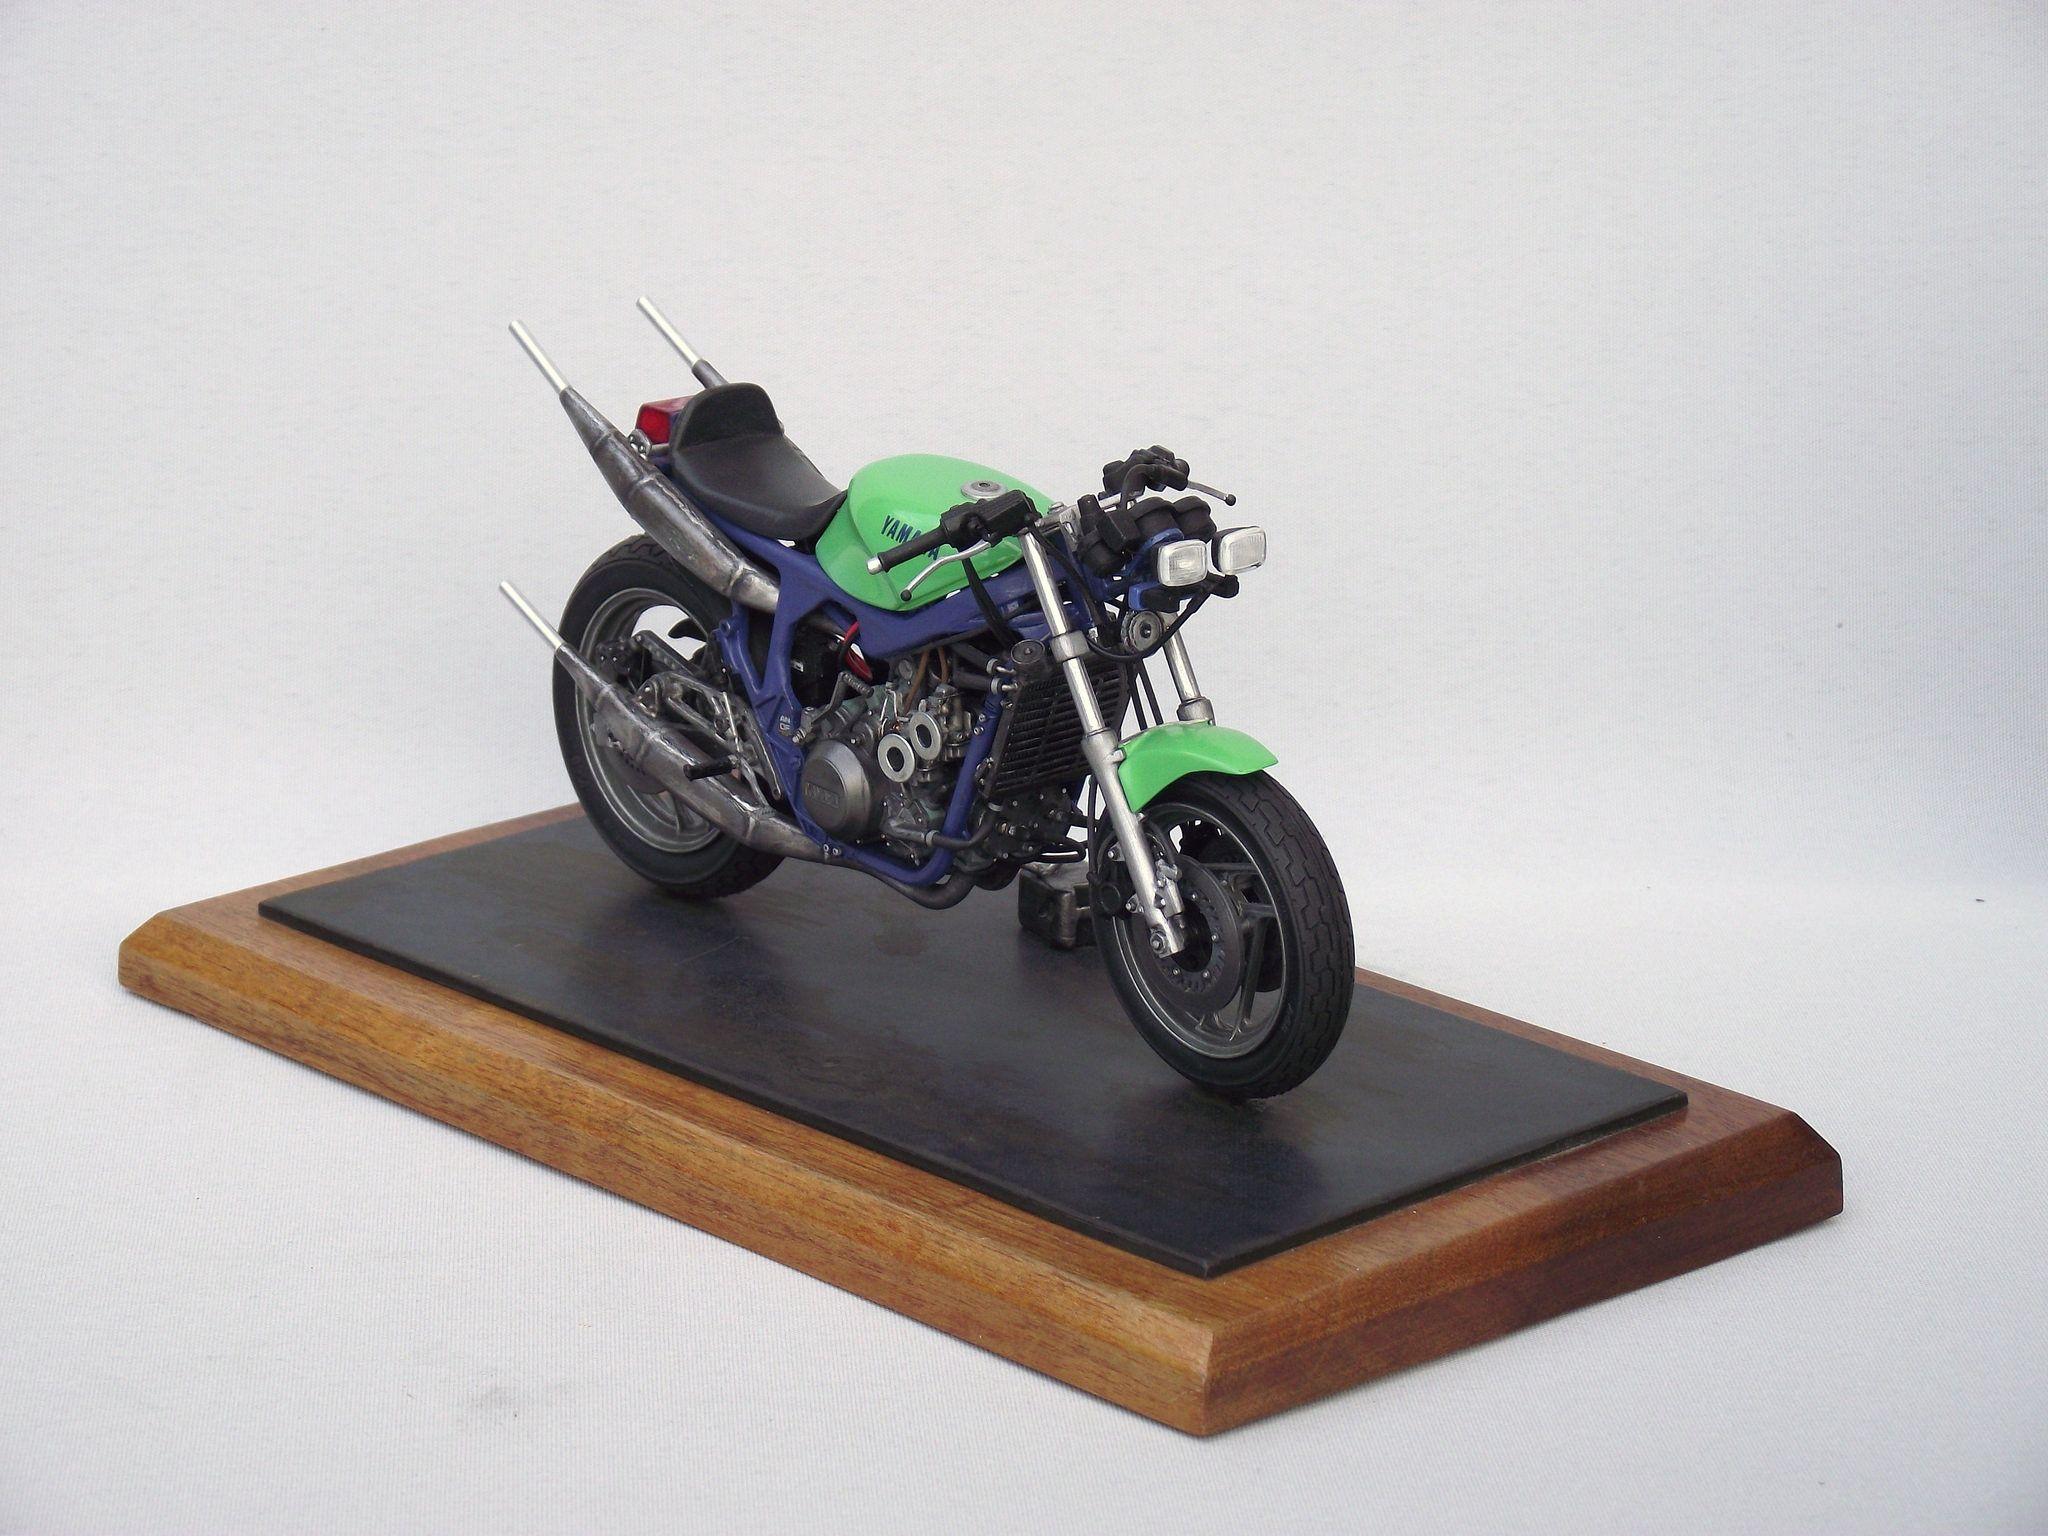 Scale Model Yamaha Motorbike 2 Yamaha Motorbikes Scale Models Motorcycle Model